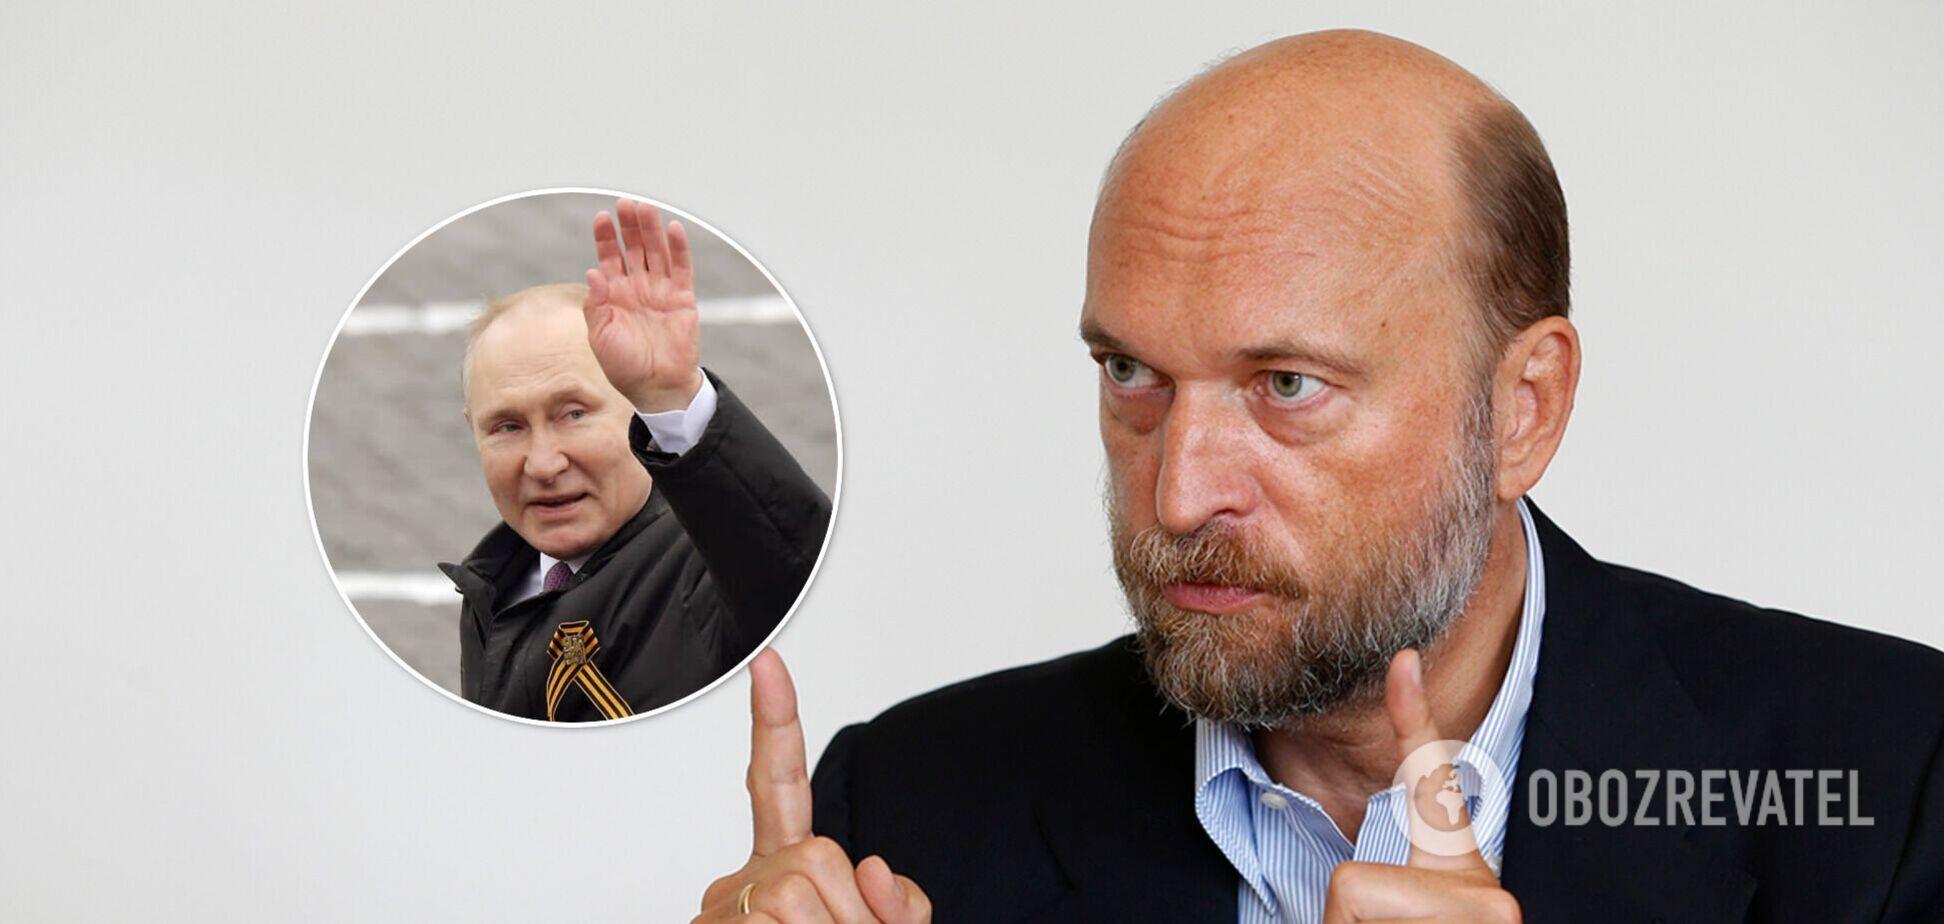 Був момент, коли Путін хотів виїхати з Росії, – мільярдер Пугачов